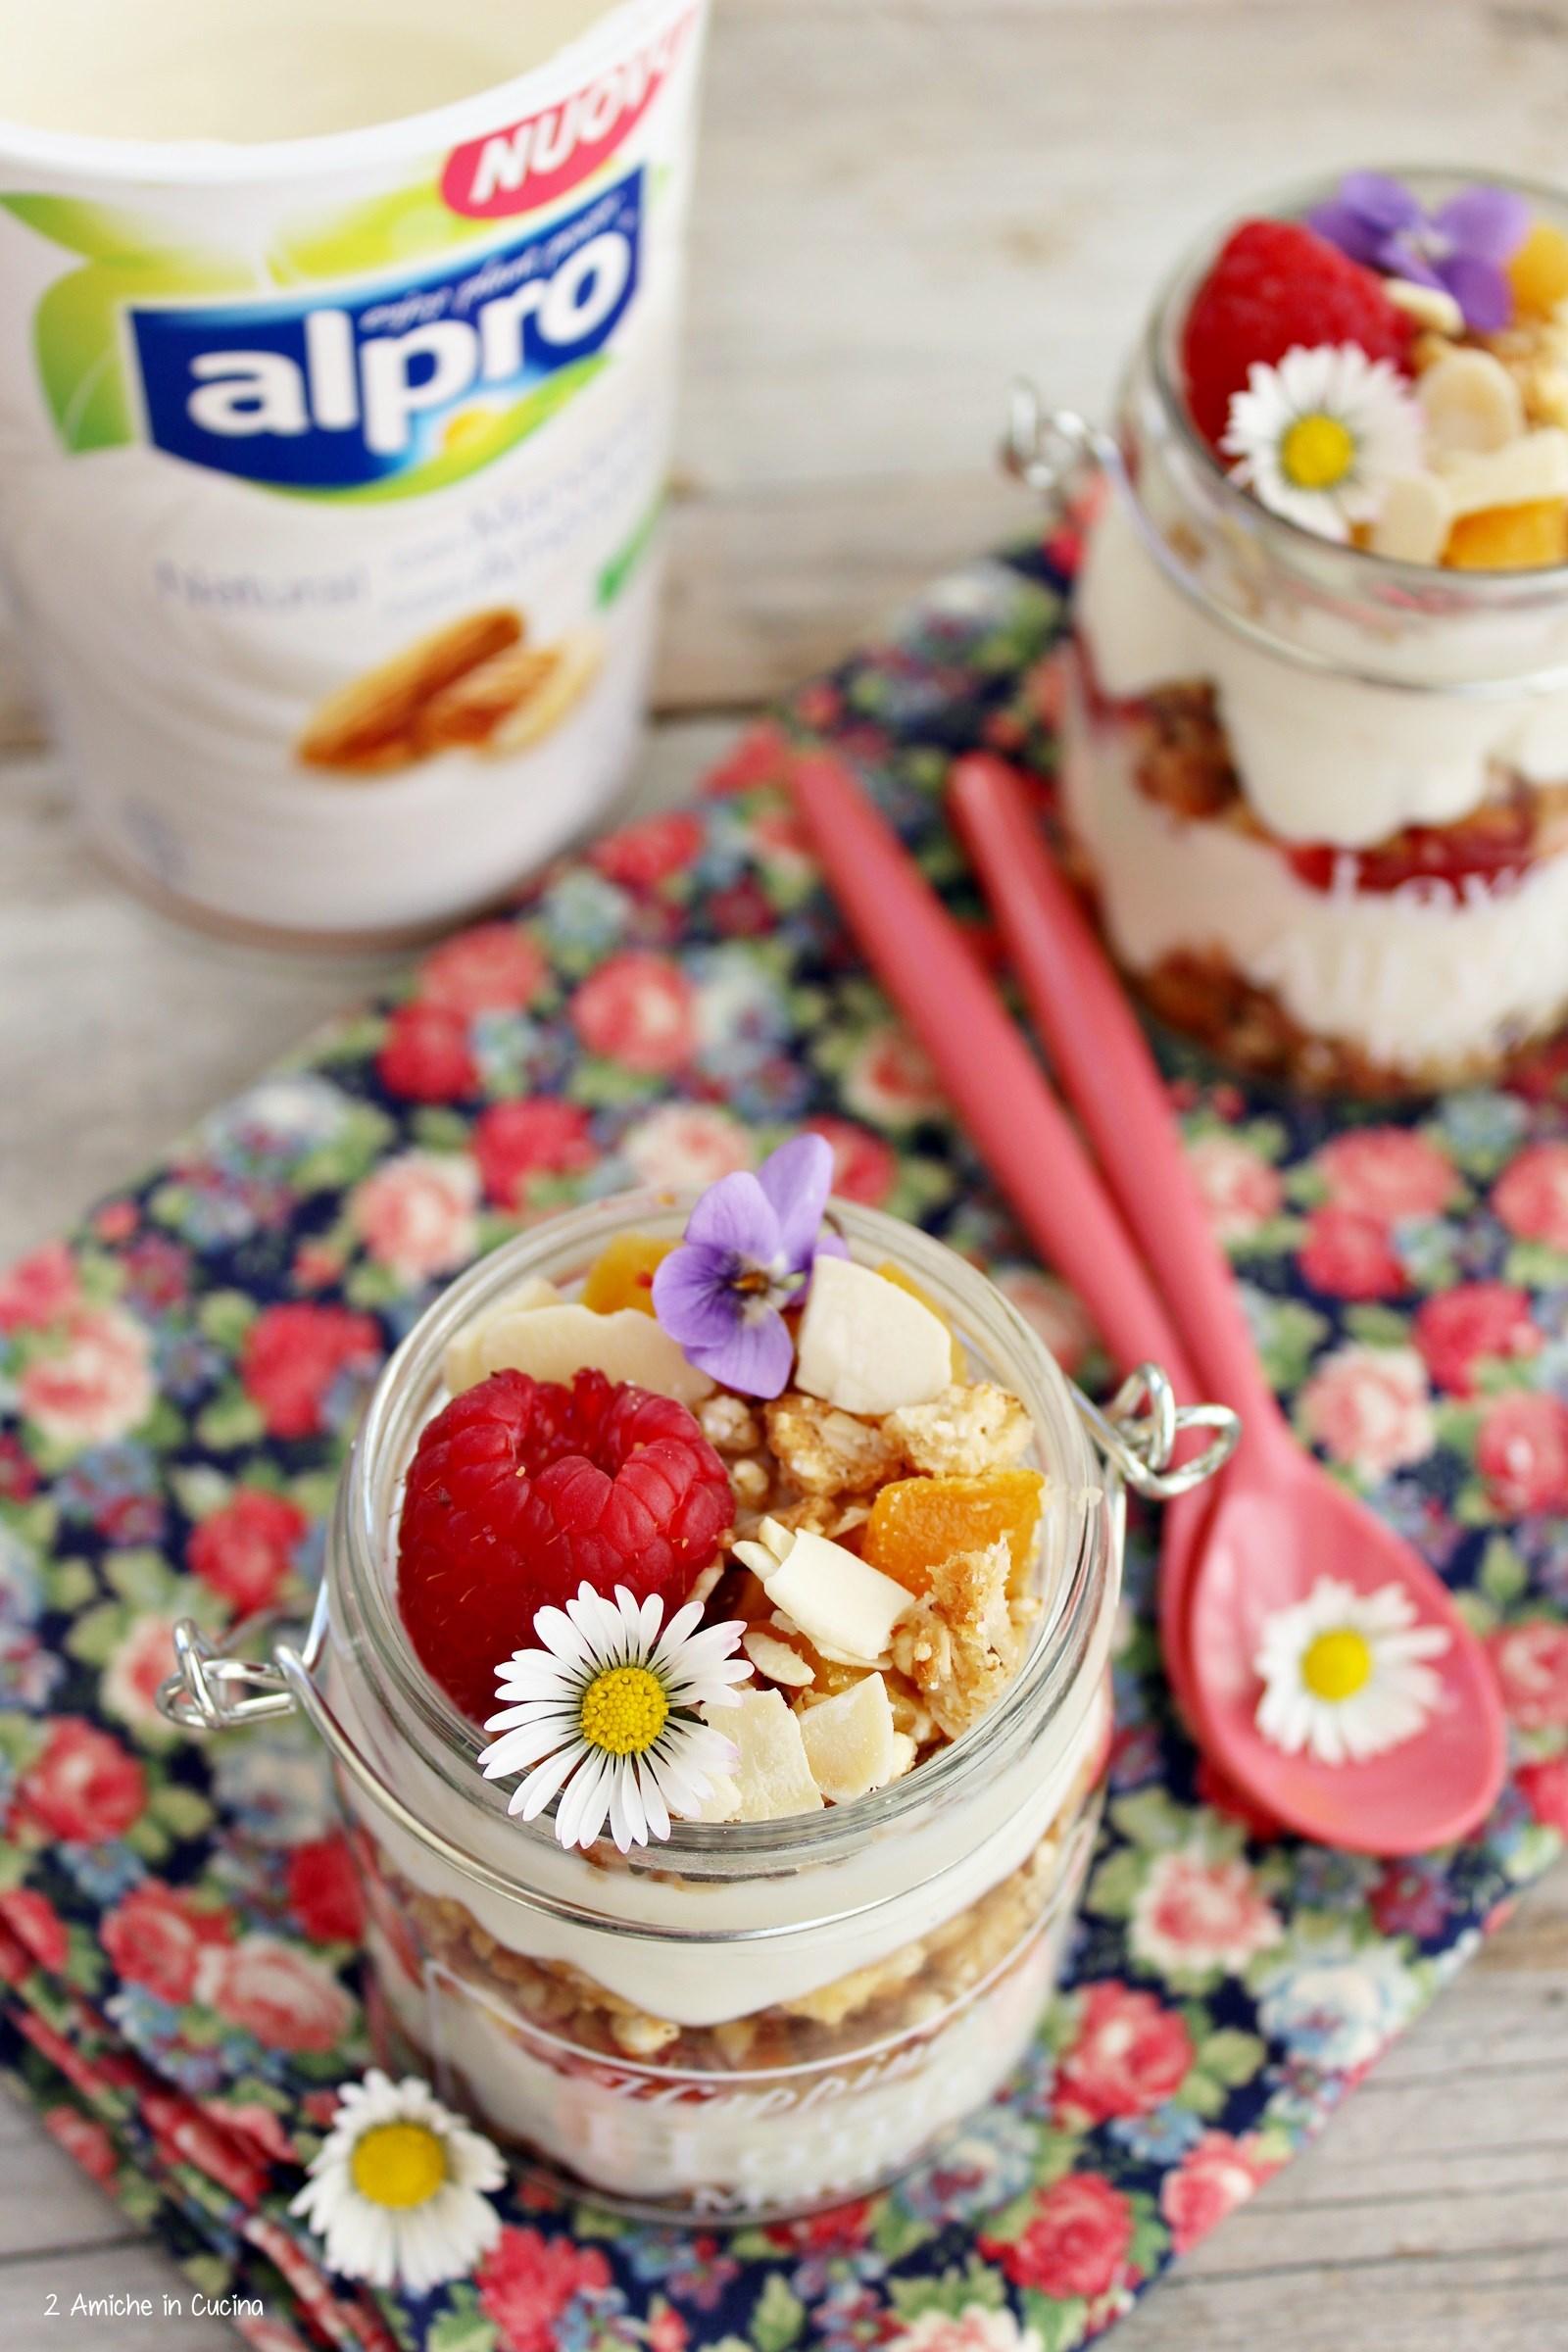 Yogurt vegetale alle mandorle con granola e lamponi